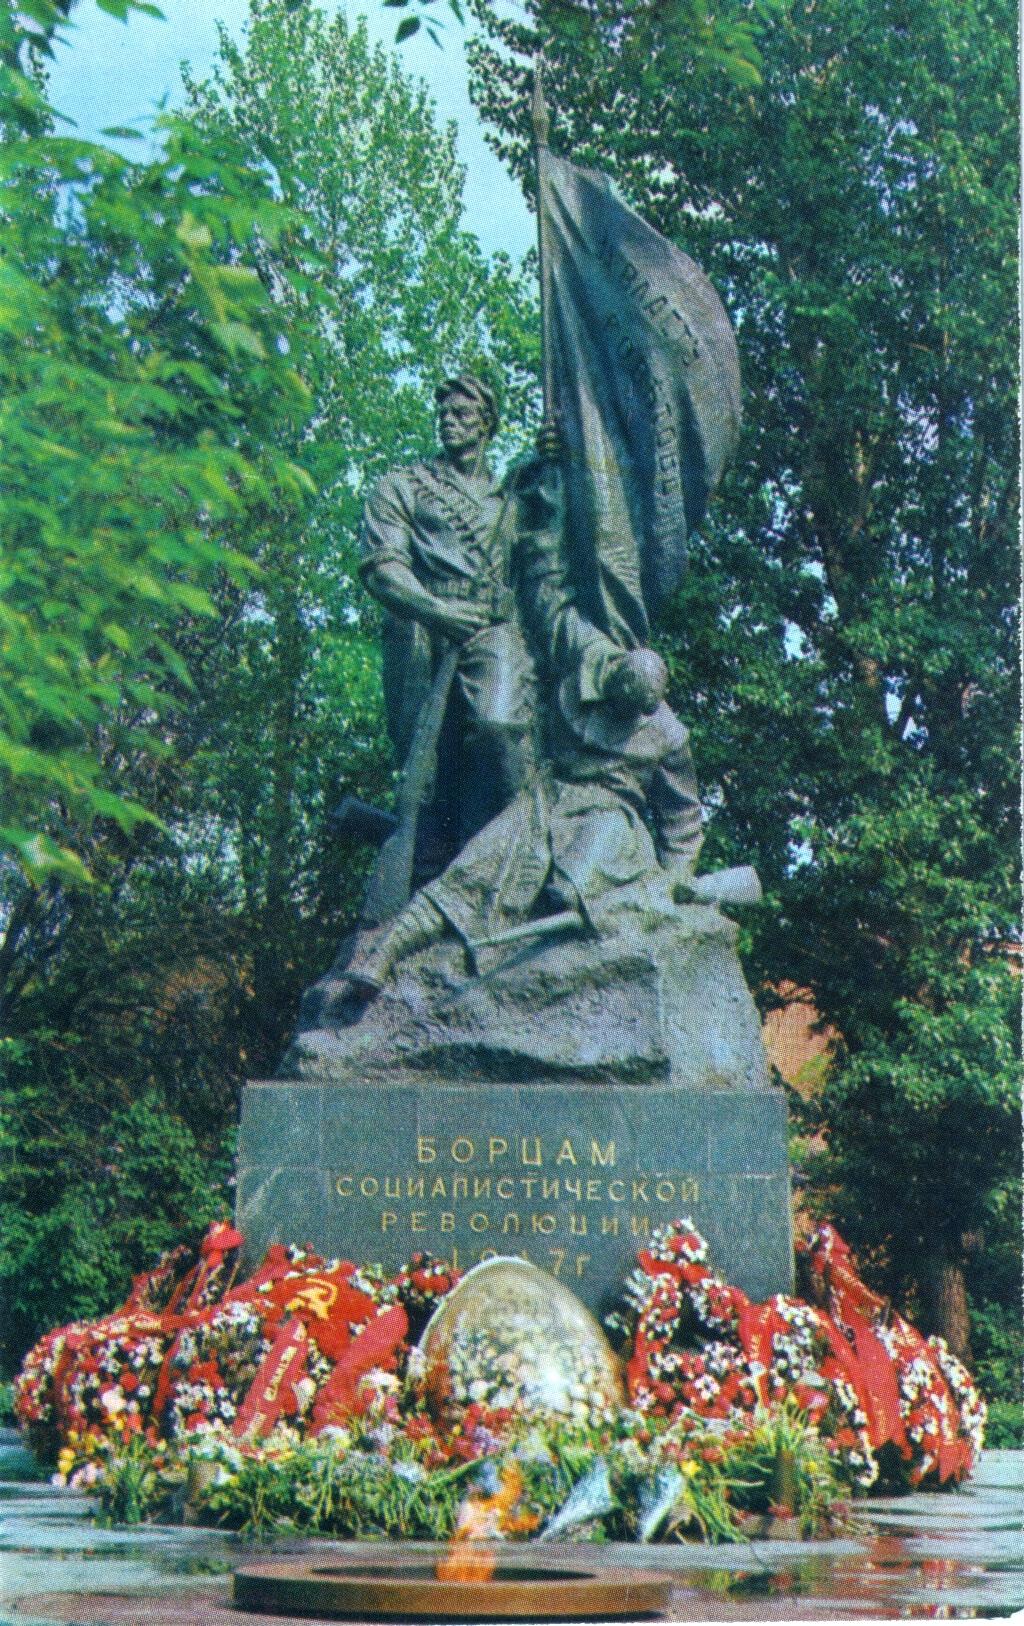 Памятник Борцам революции 1917 года